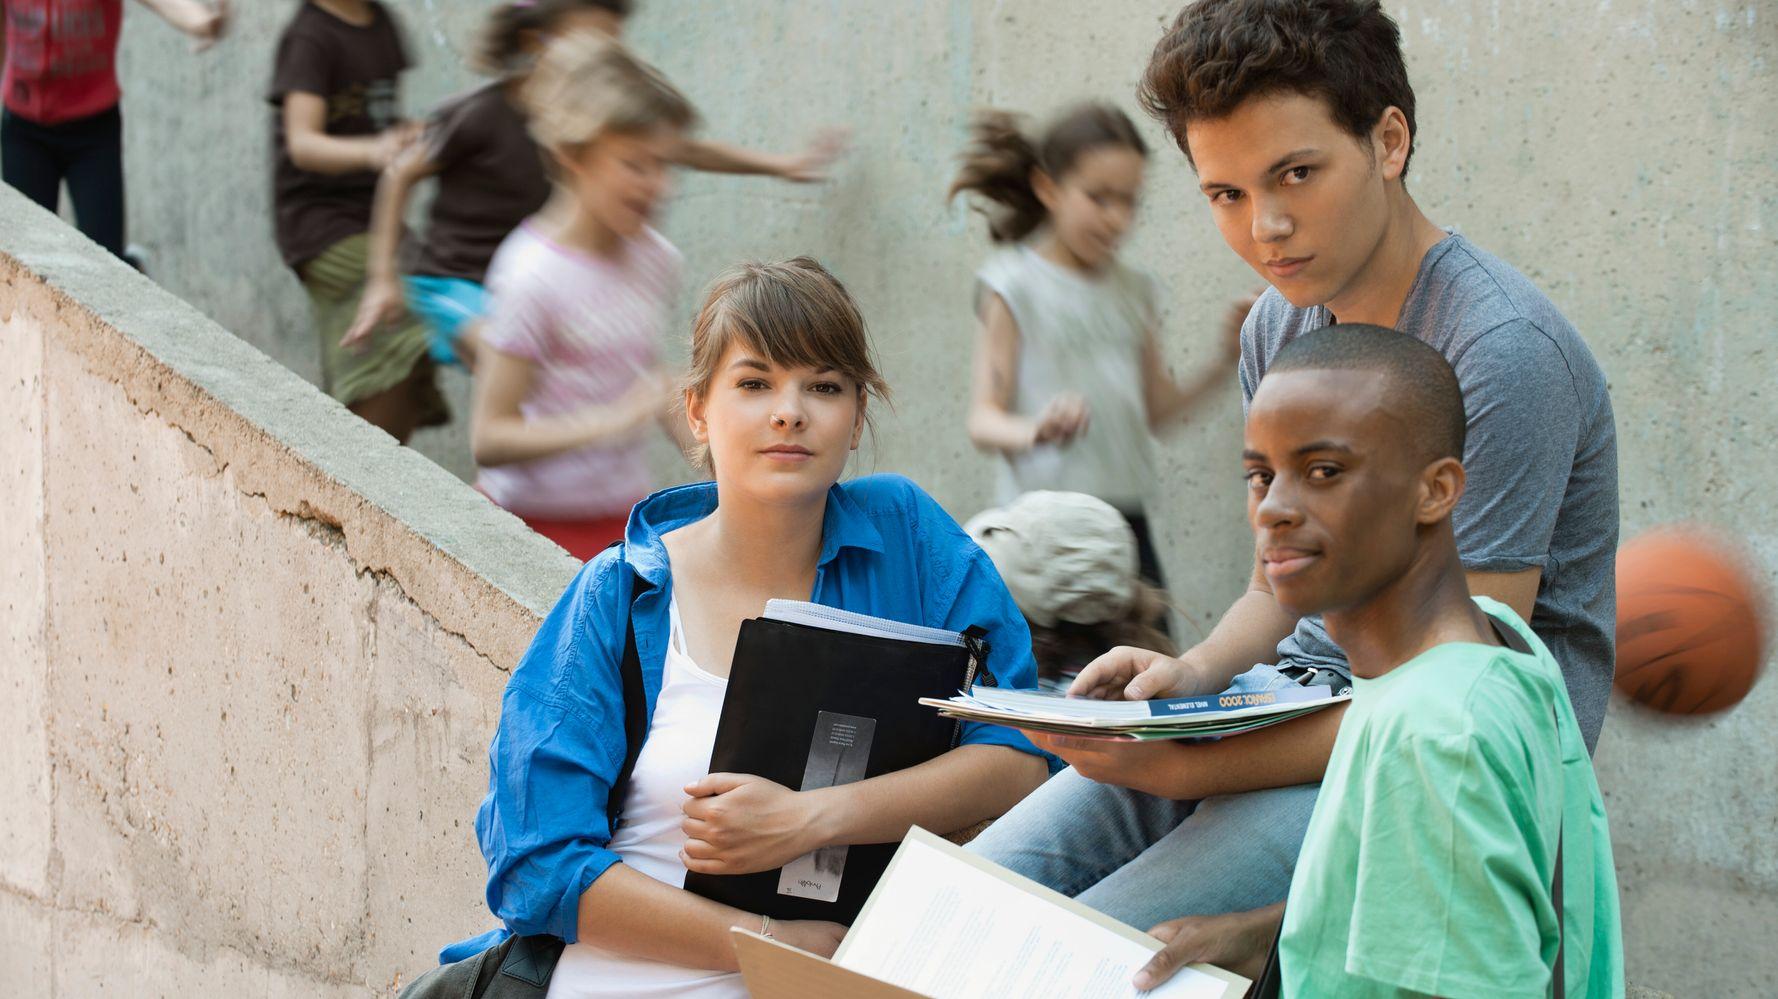 À Drancy, comment nous avons mis fin à l'échec scolaire grâce aux parents d'élèves - BLOG